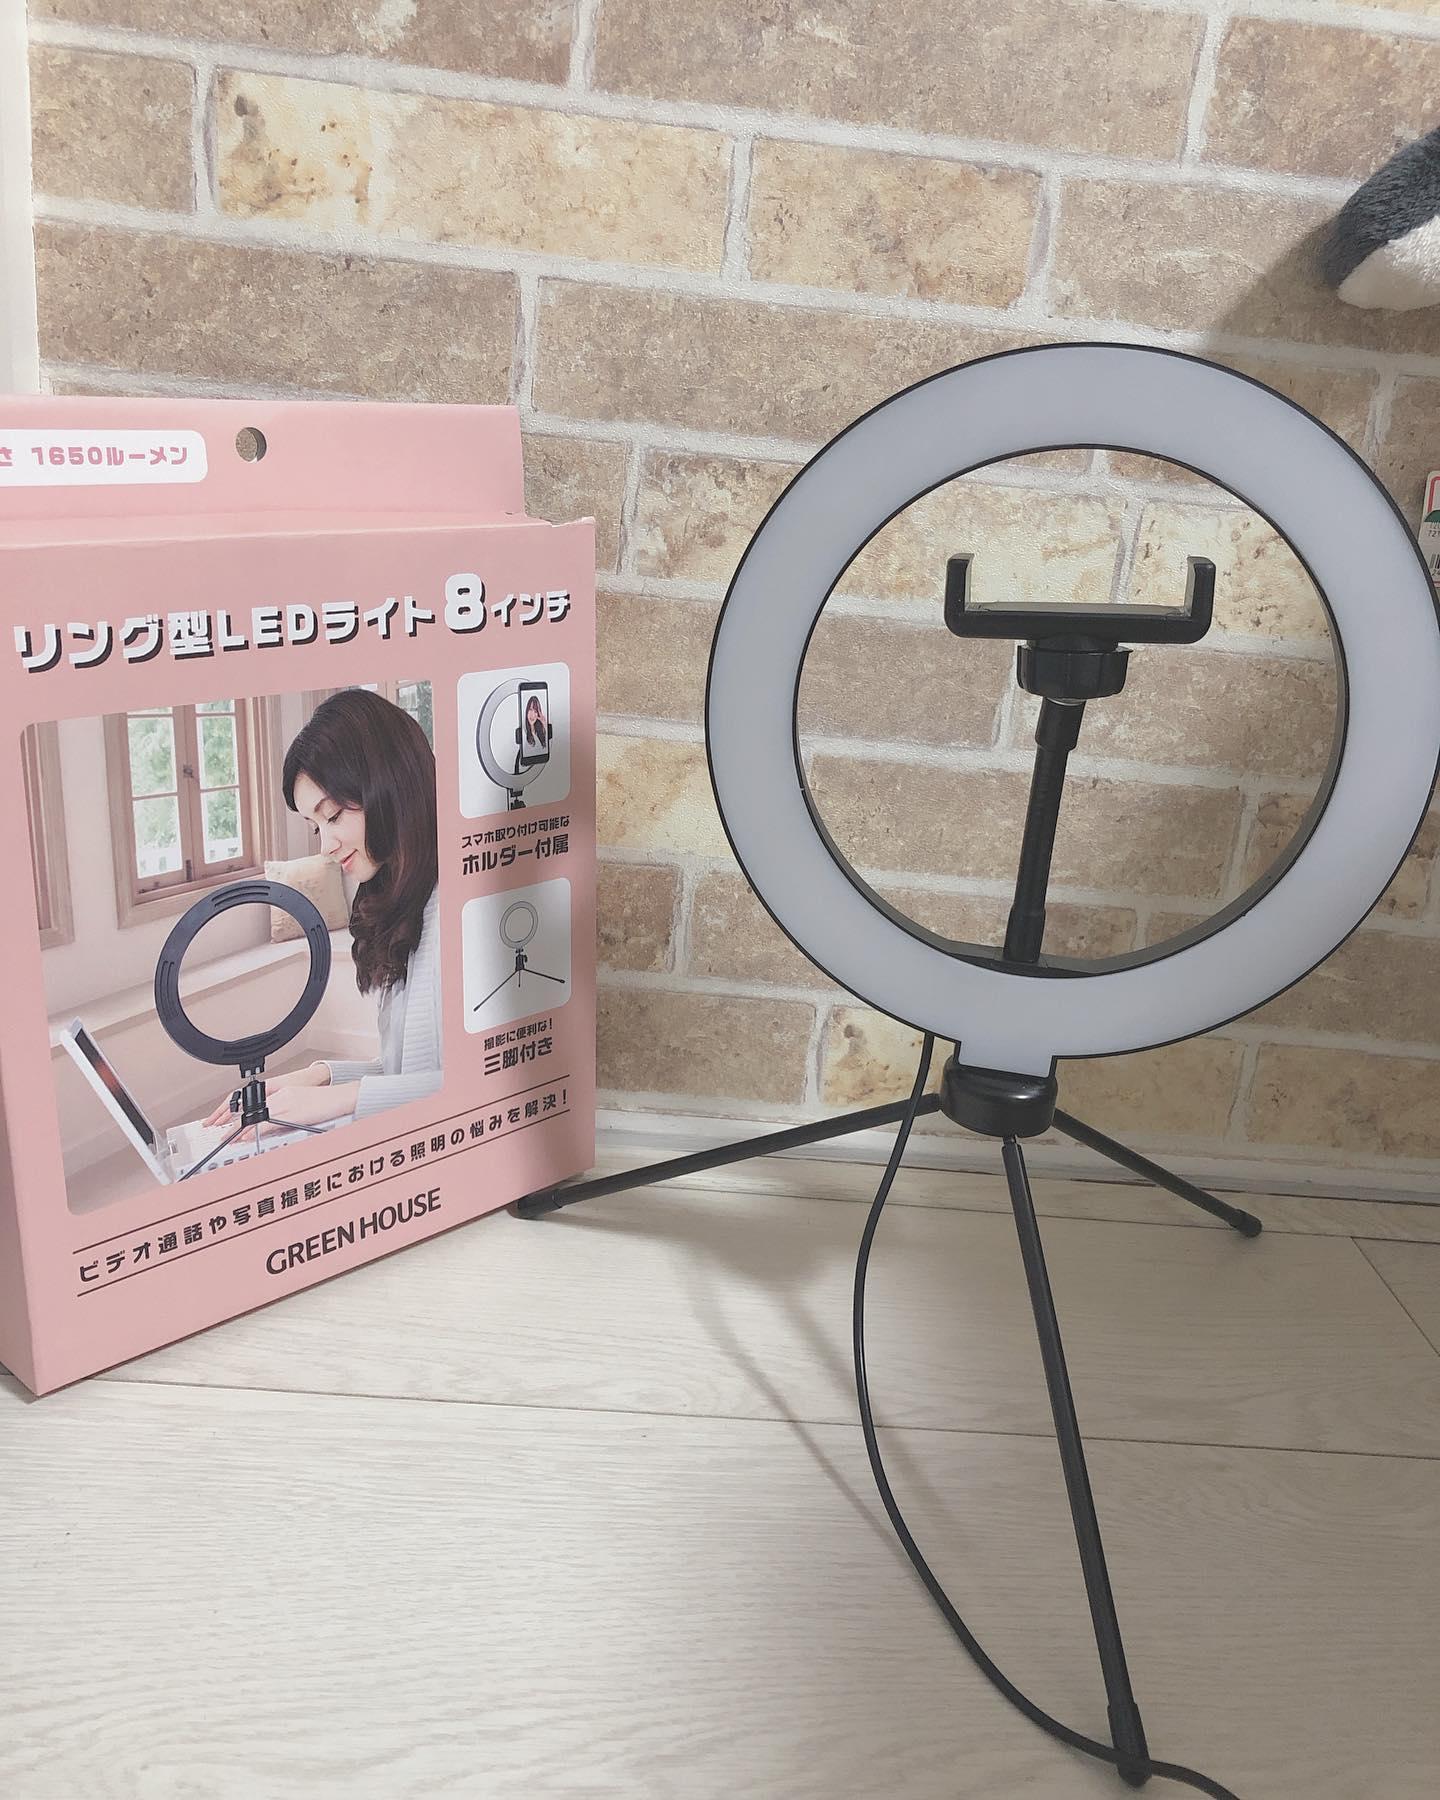 口コミ投稿:...こんばんは🌿🌿🌿最近わたしが愛用してるこちら…リング型LEDライト8インチ価格2728円…